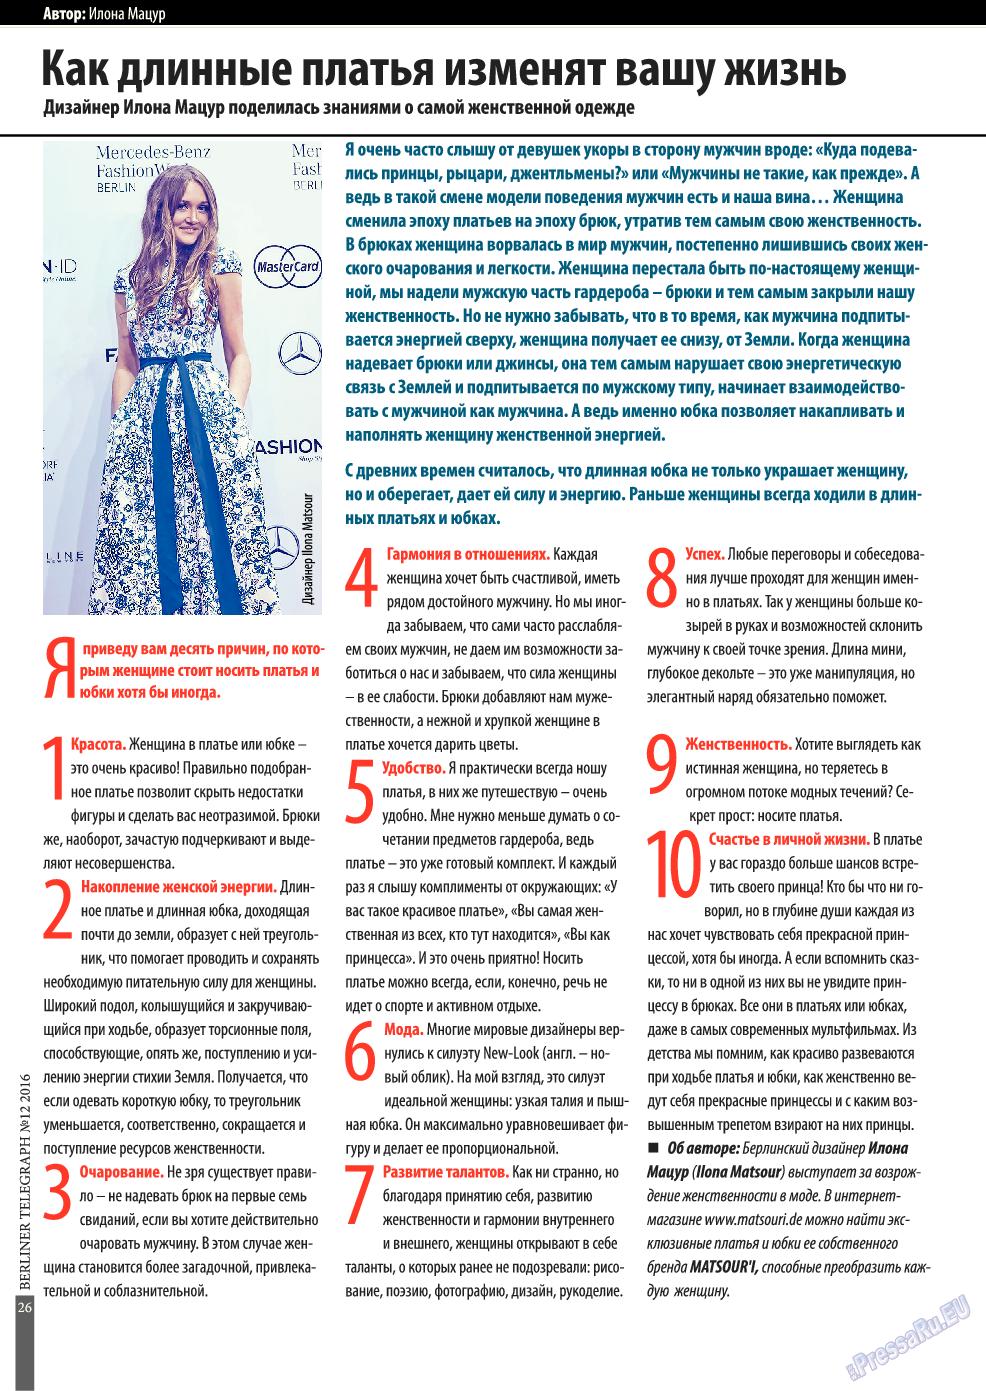 Берлинский телеграф (журнал). 2016 год, номер 12, стр. 26